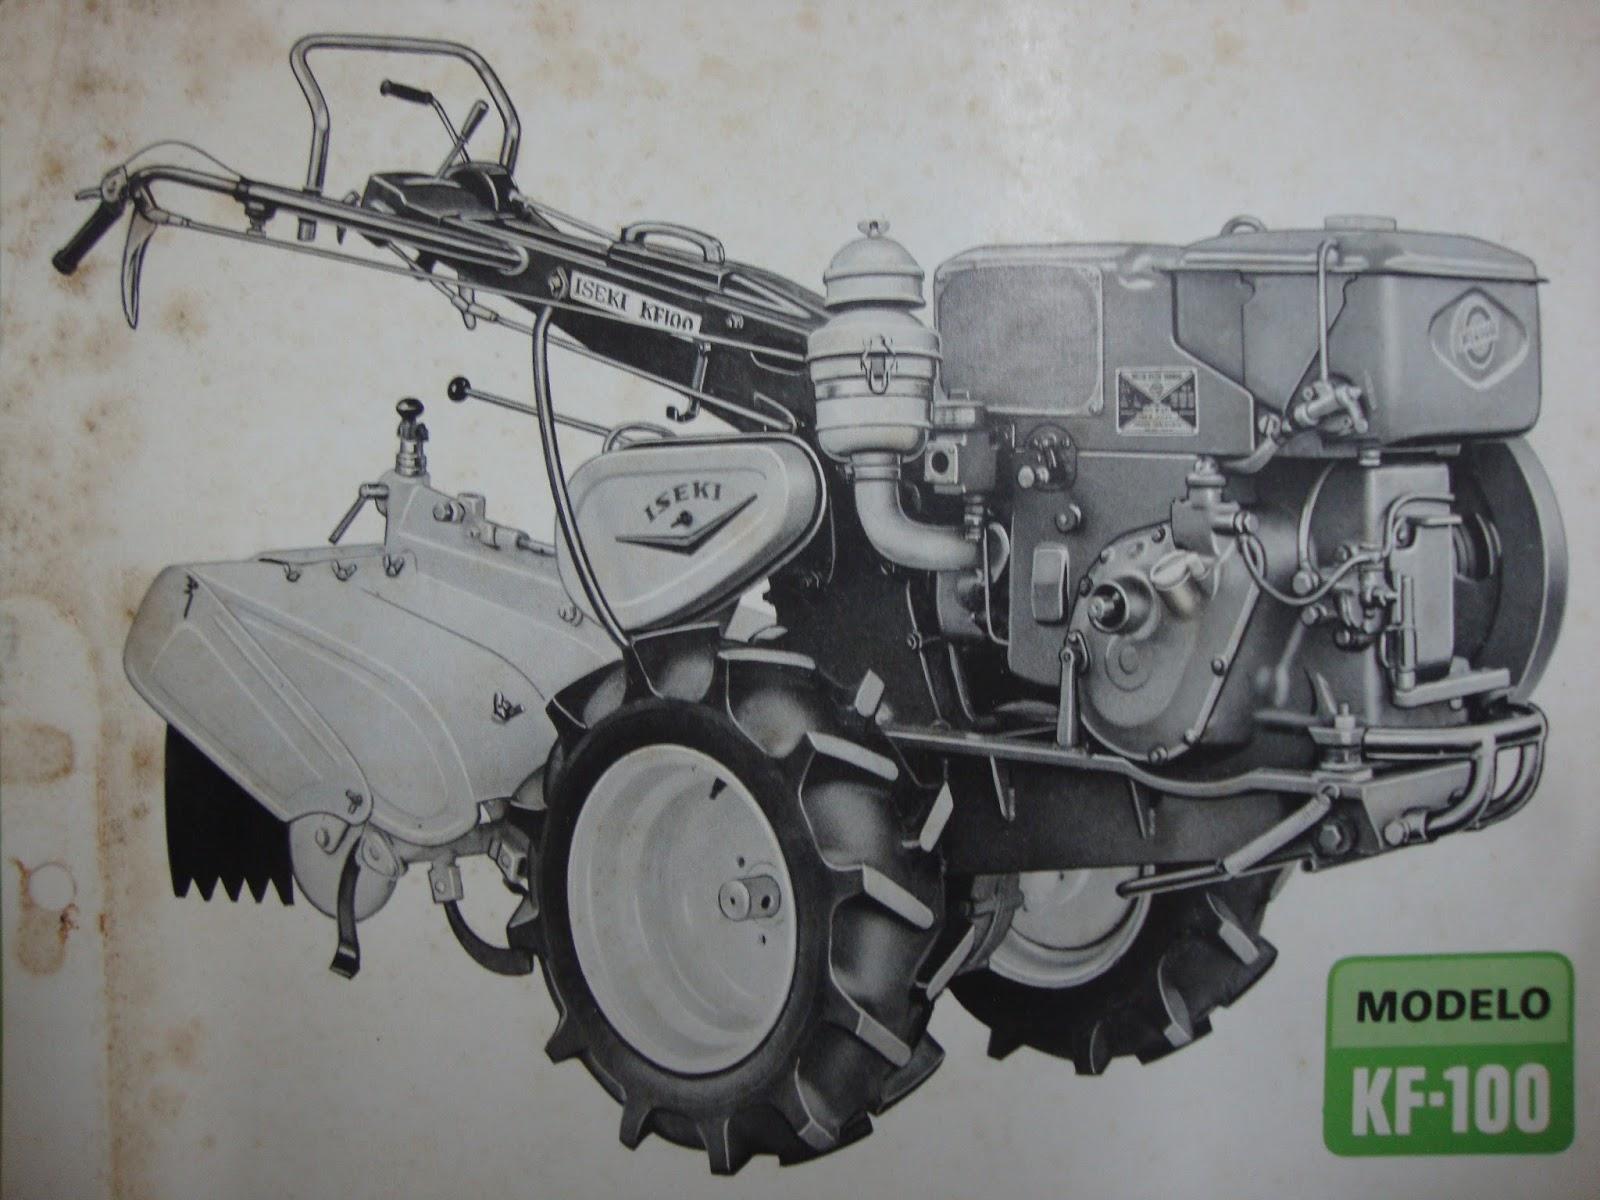 Tratores Pequenos Brasil Histria Dos Cultivadores Iseki No Engine Diagram Note Que Este Motor J Era O Nacionalizado Modelo B9c Com Cmara De Evaporao E Ventoinha Acoplada Ao Conjunto Refrigerao